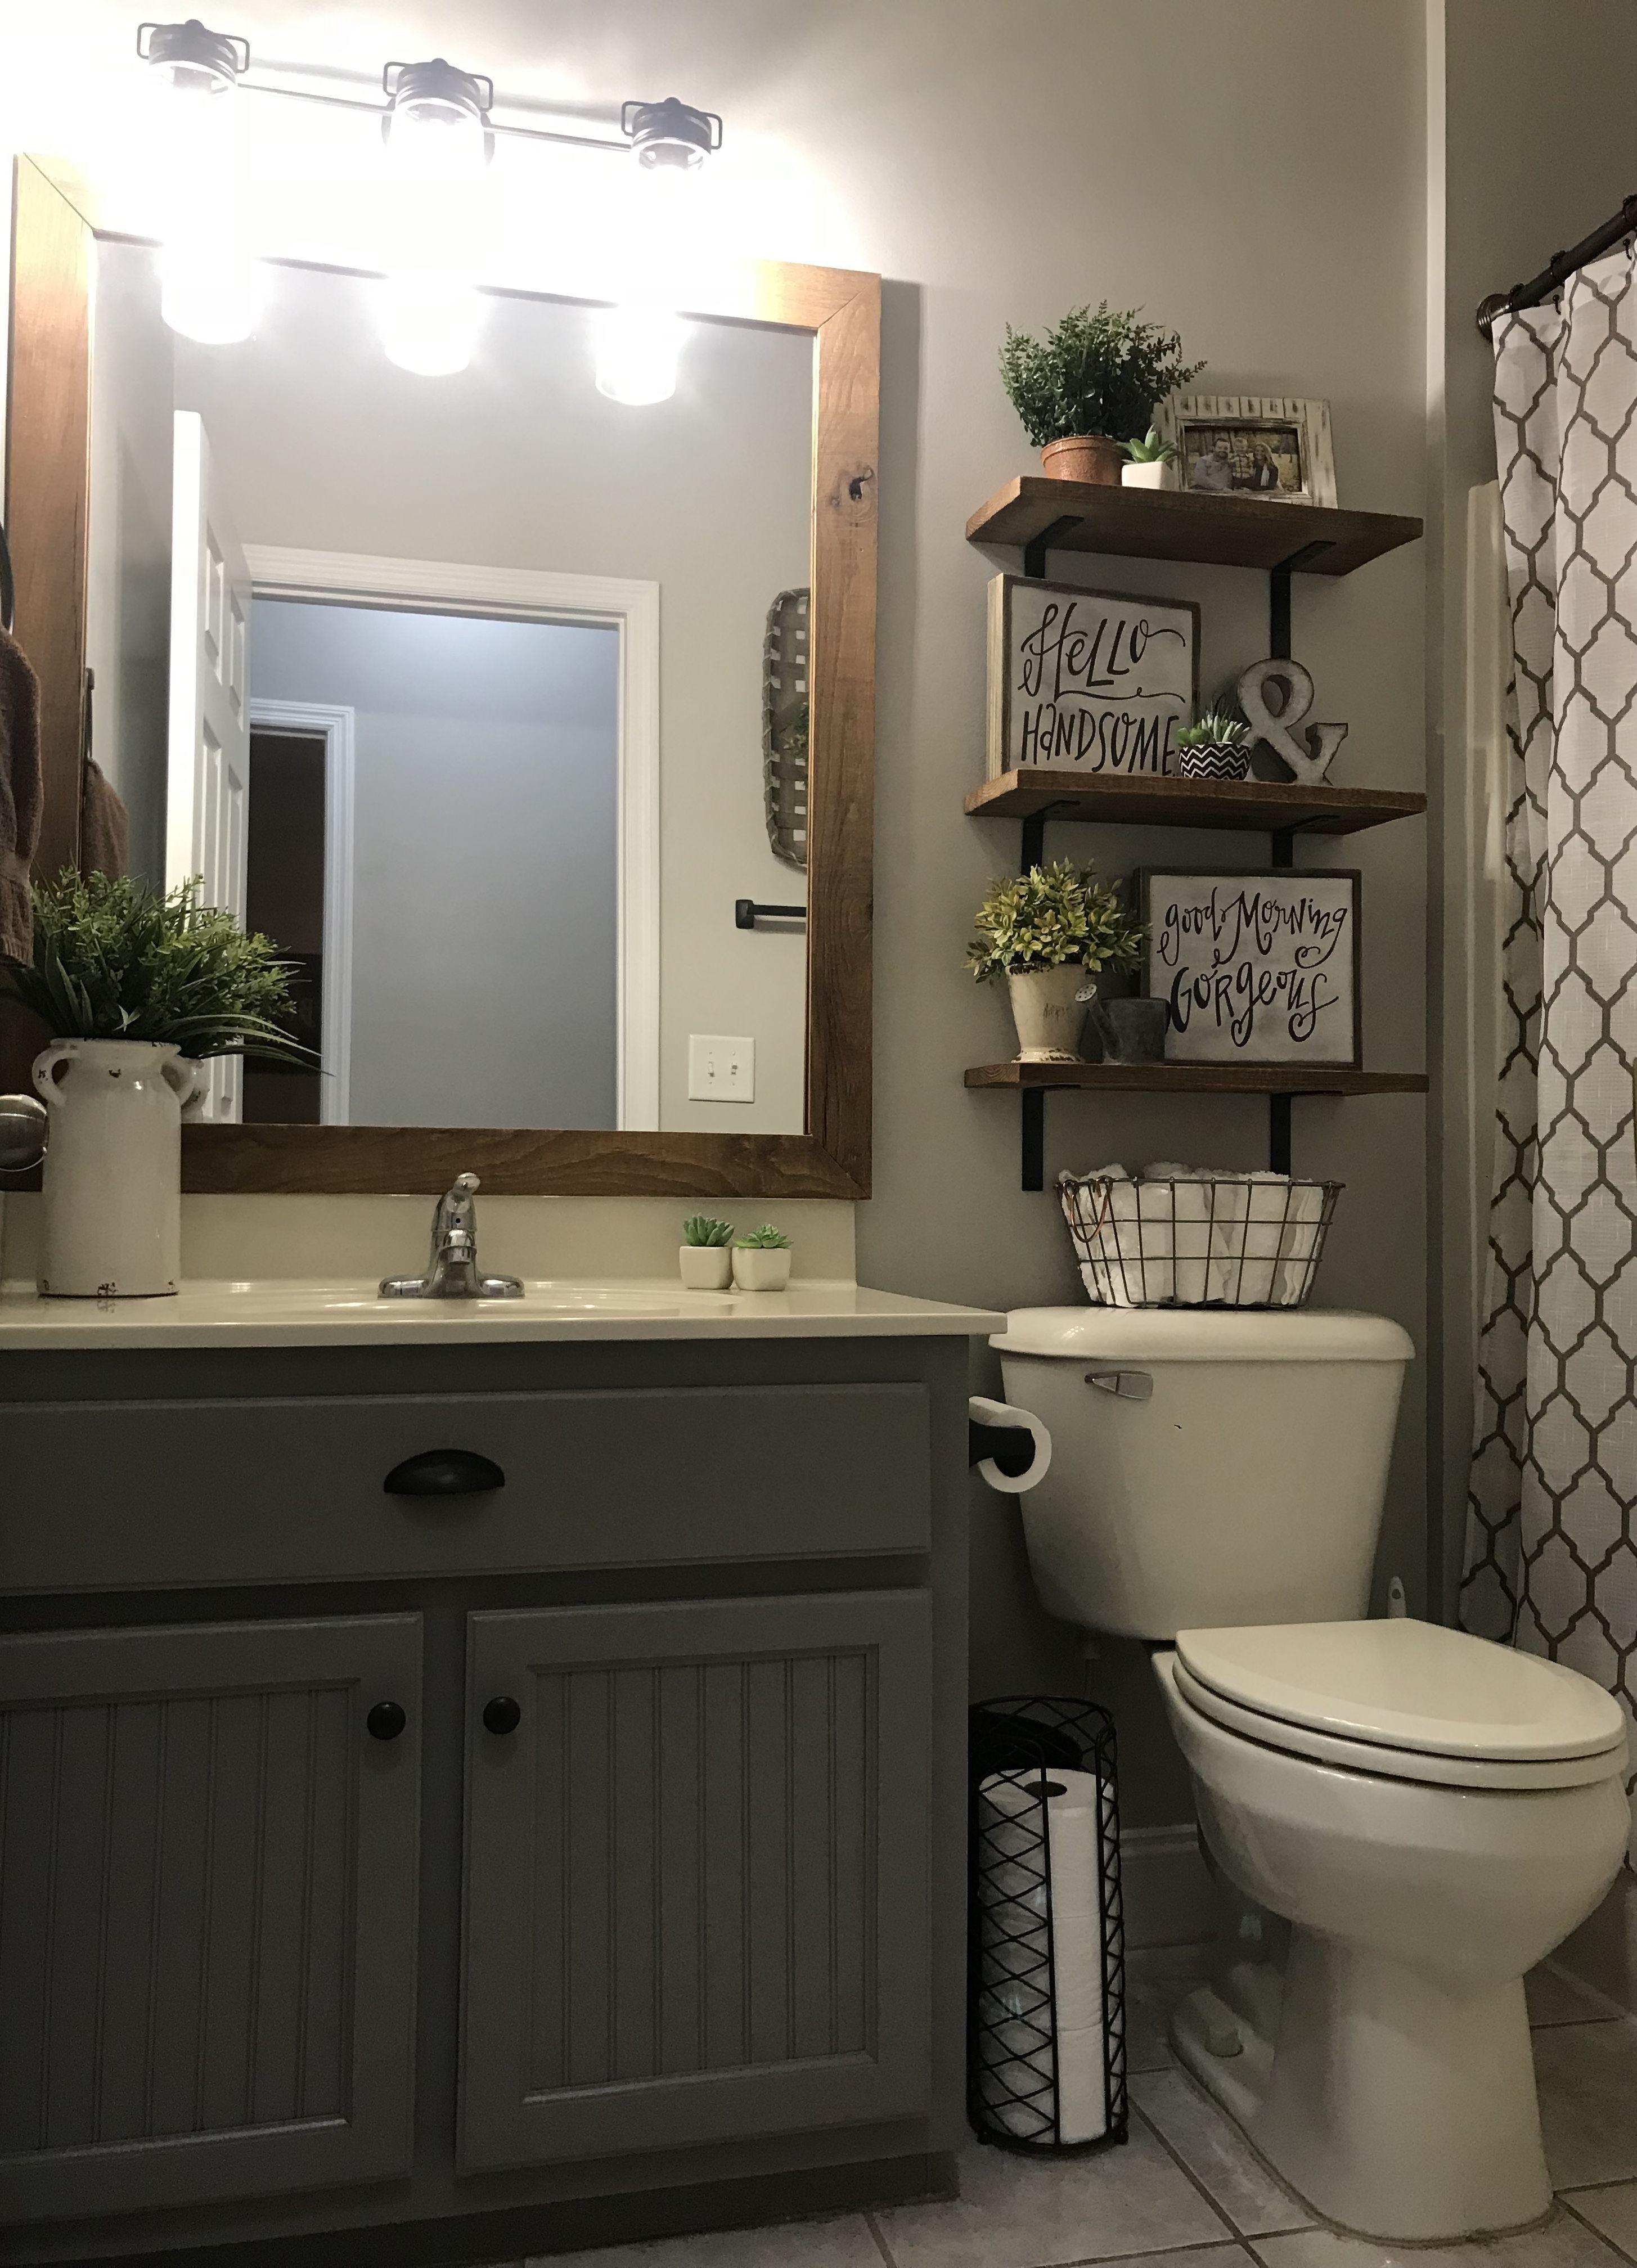 29 Guest Bathroom Ideas To Wow Your Visitors Bathroom Bathrooms Diy Remodel Makeover Vanity Simple Small Bathroom Decor Guest Bathrooms Simple Bathroom